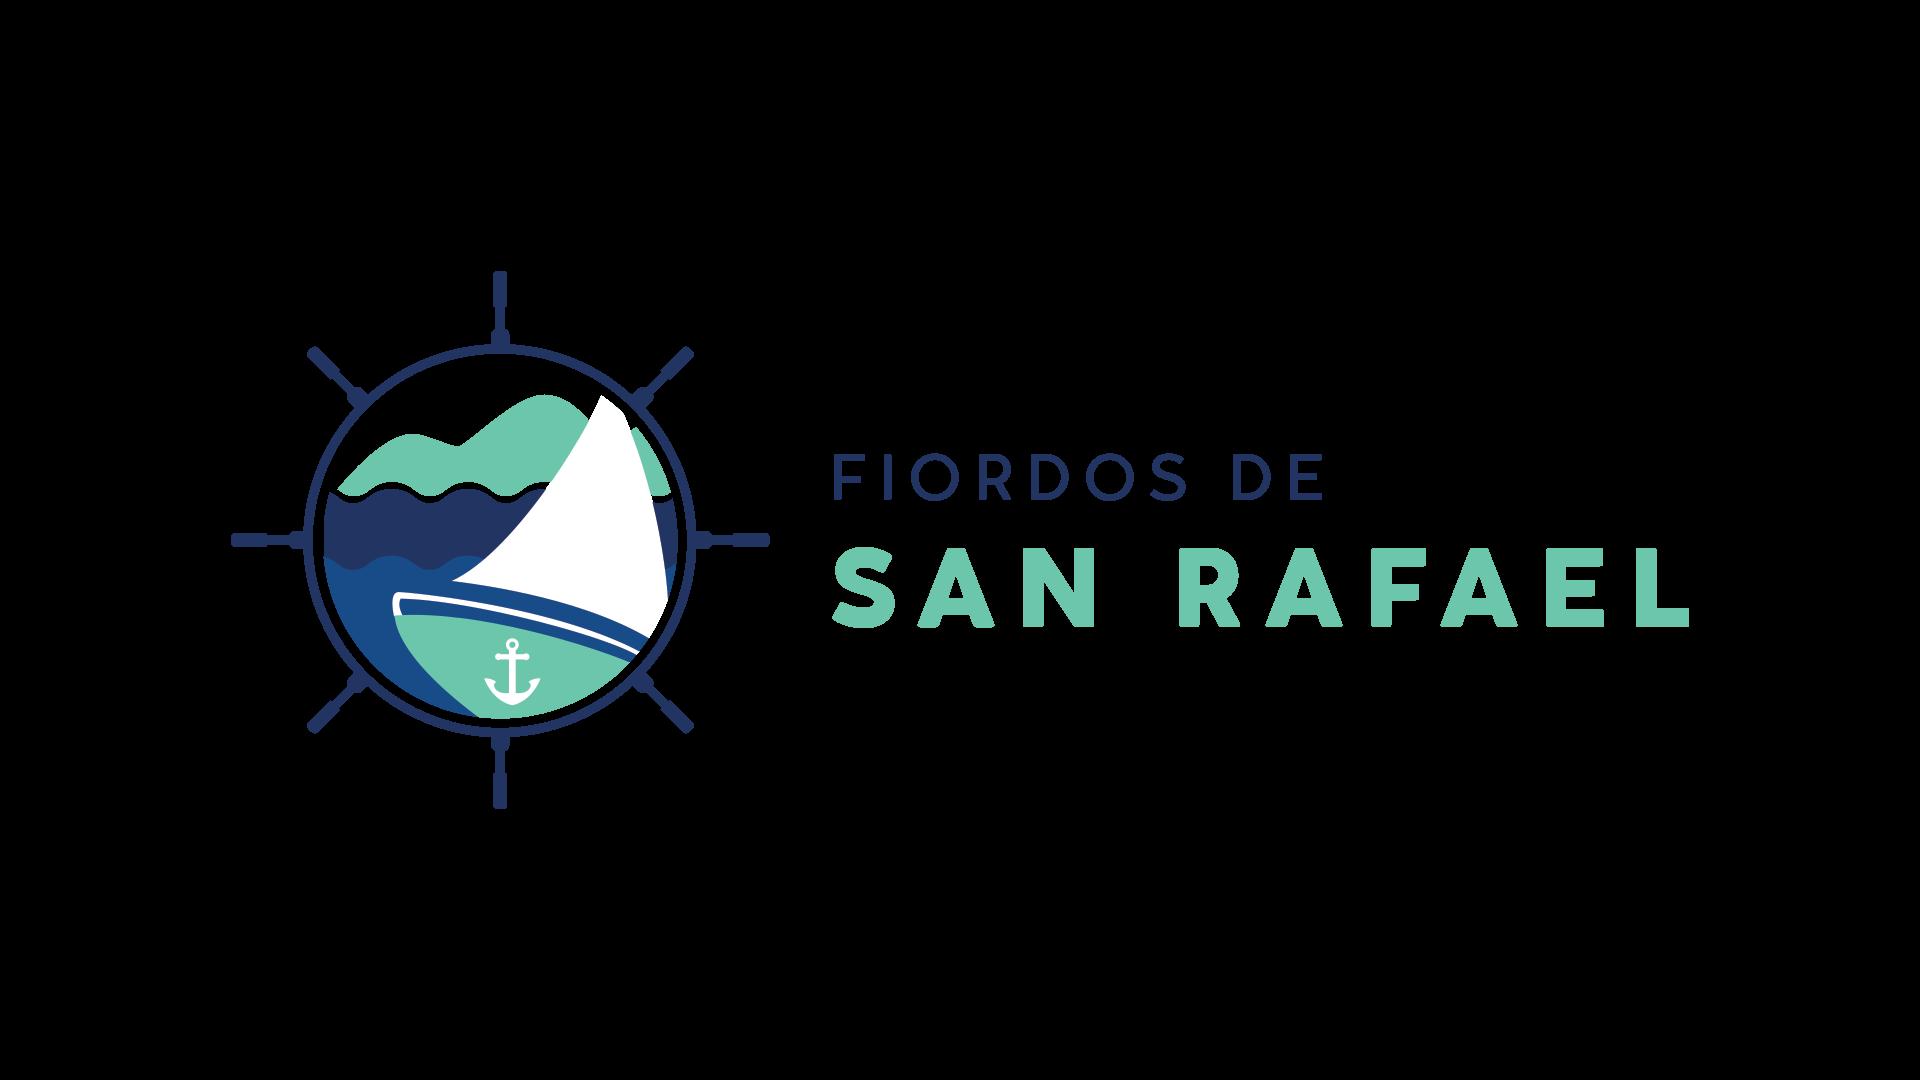 Fiordos de San Rafael